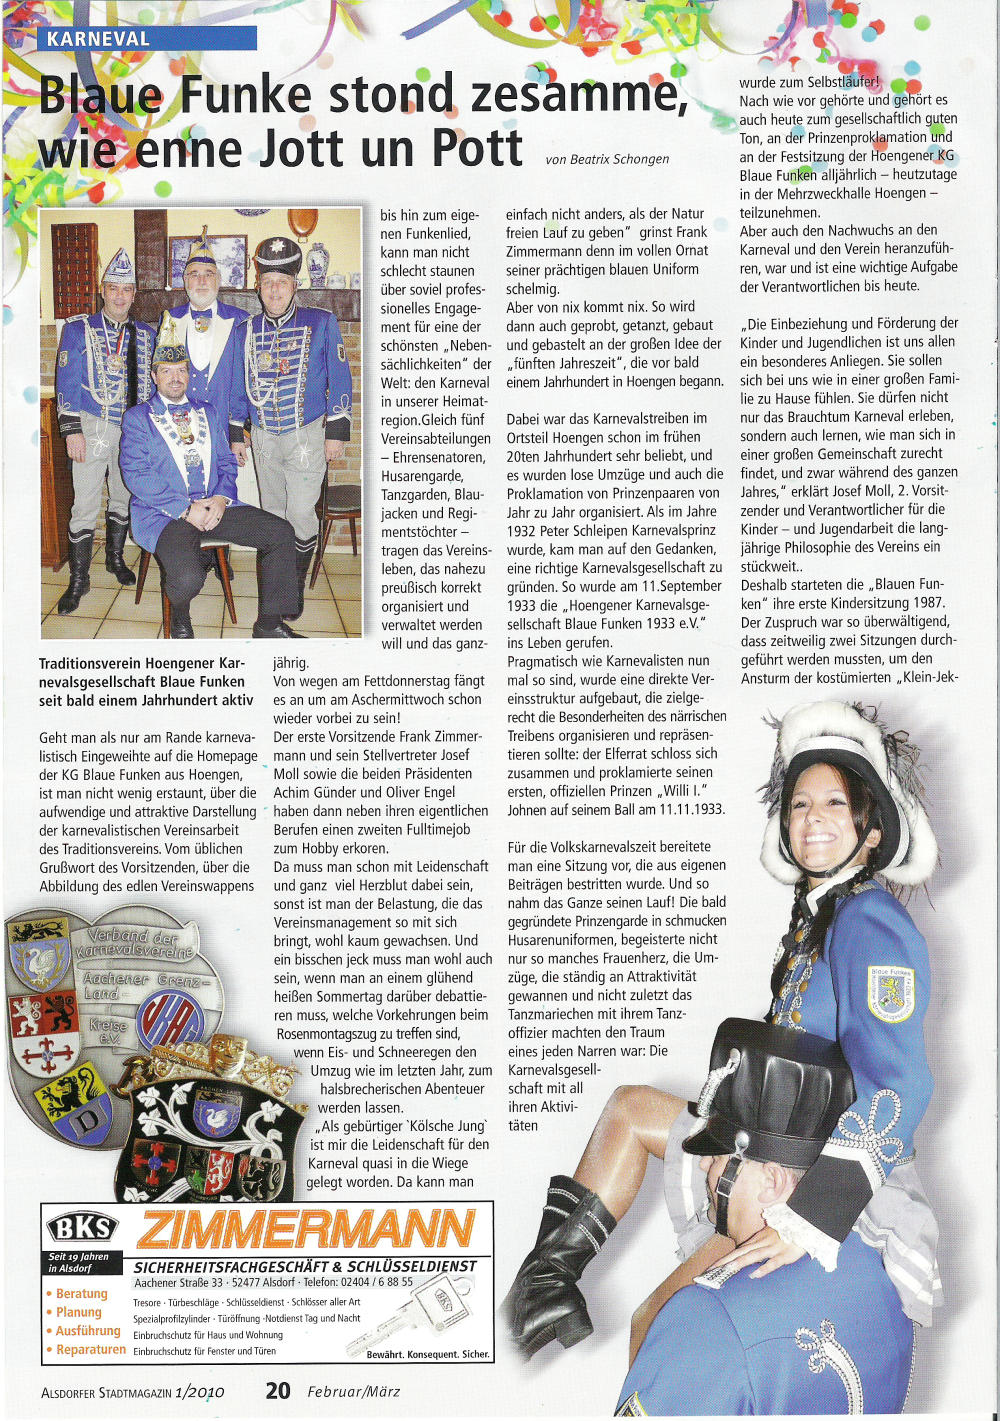 Stadtmagazin Und sonst?! Ausgabe 1/2010 Seite 20